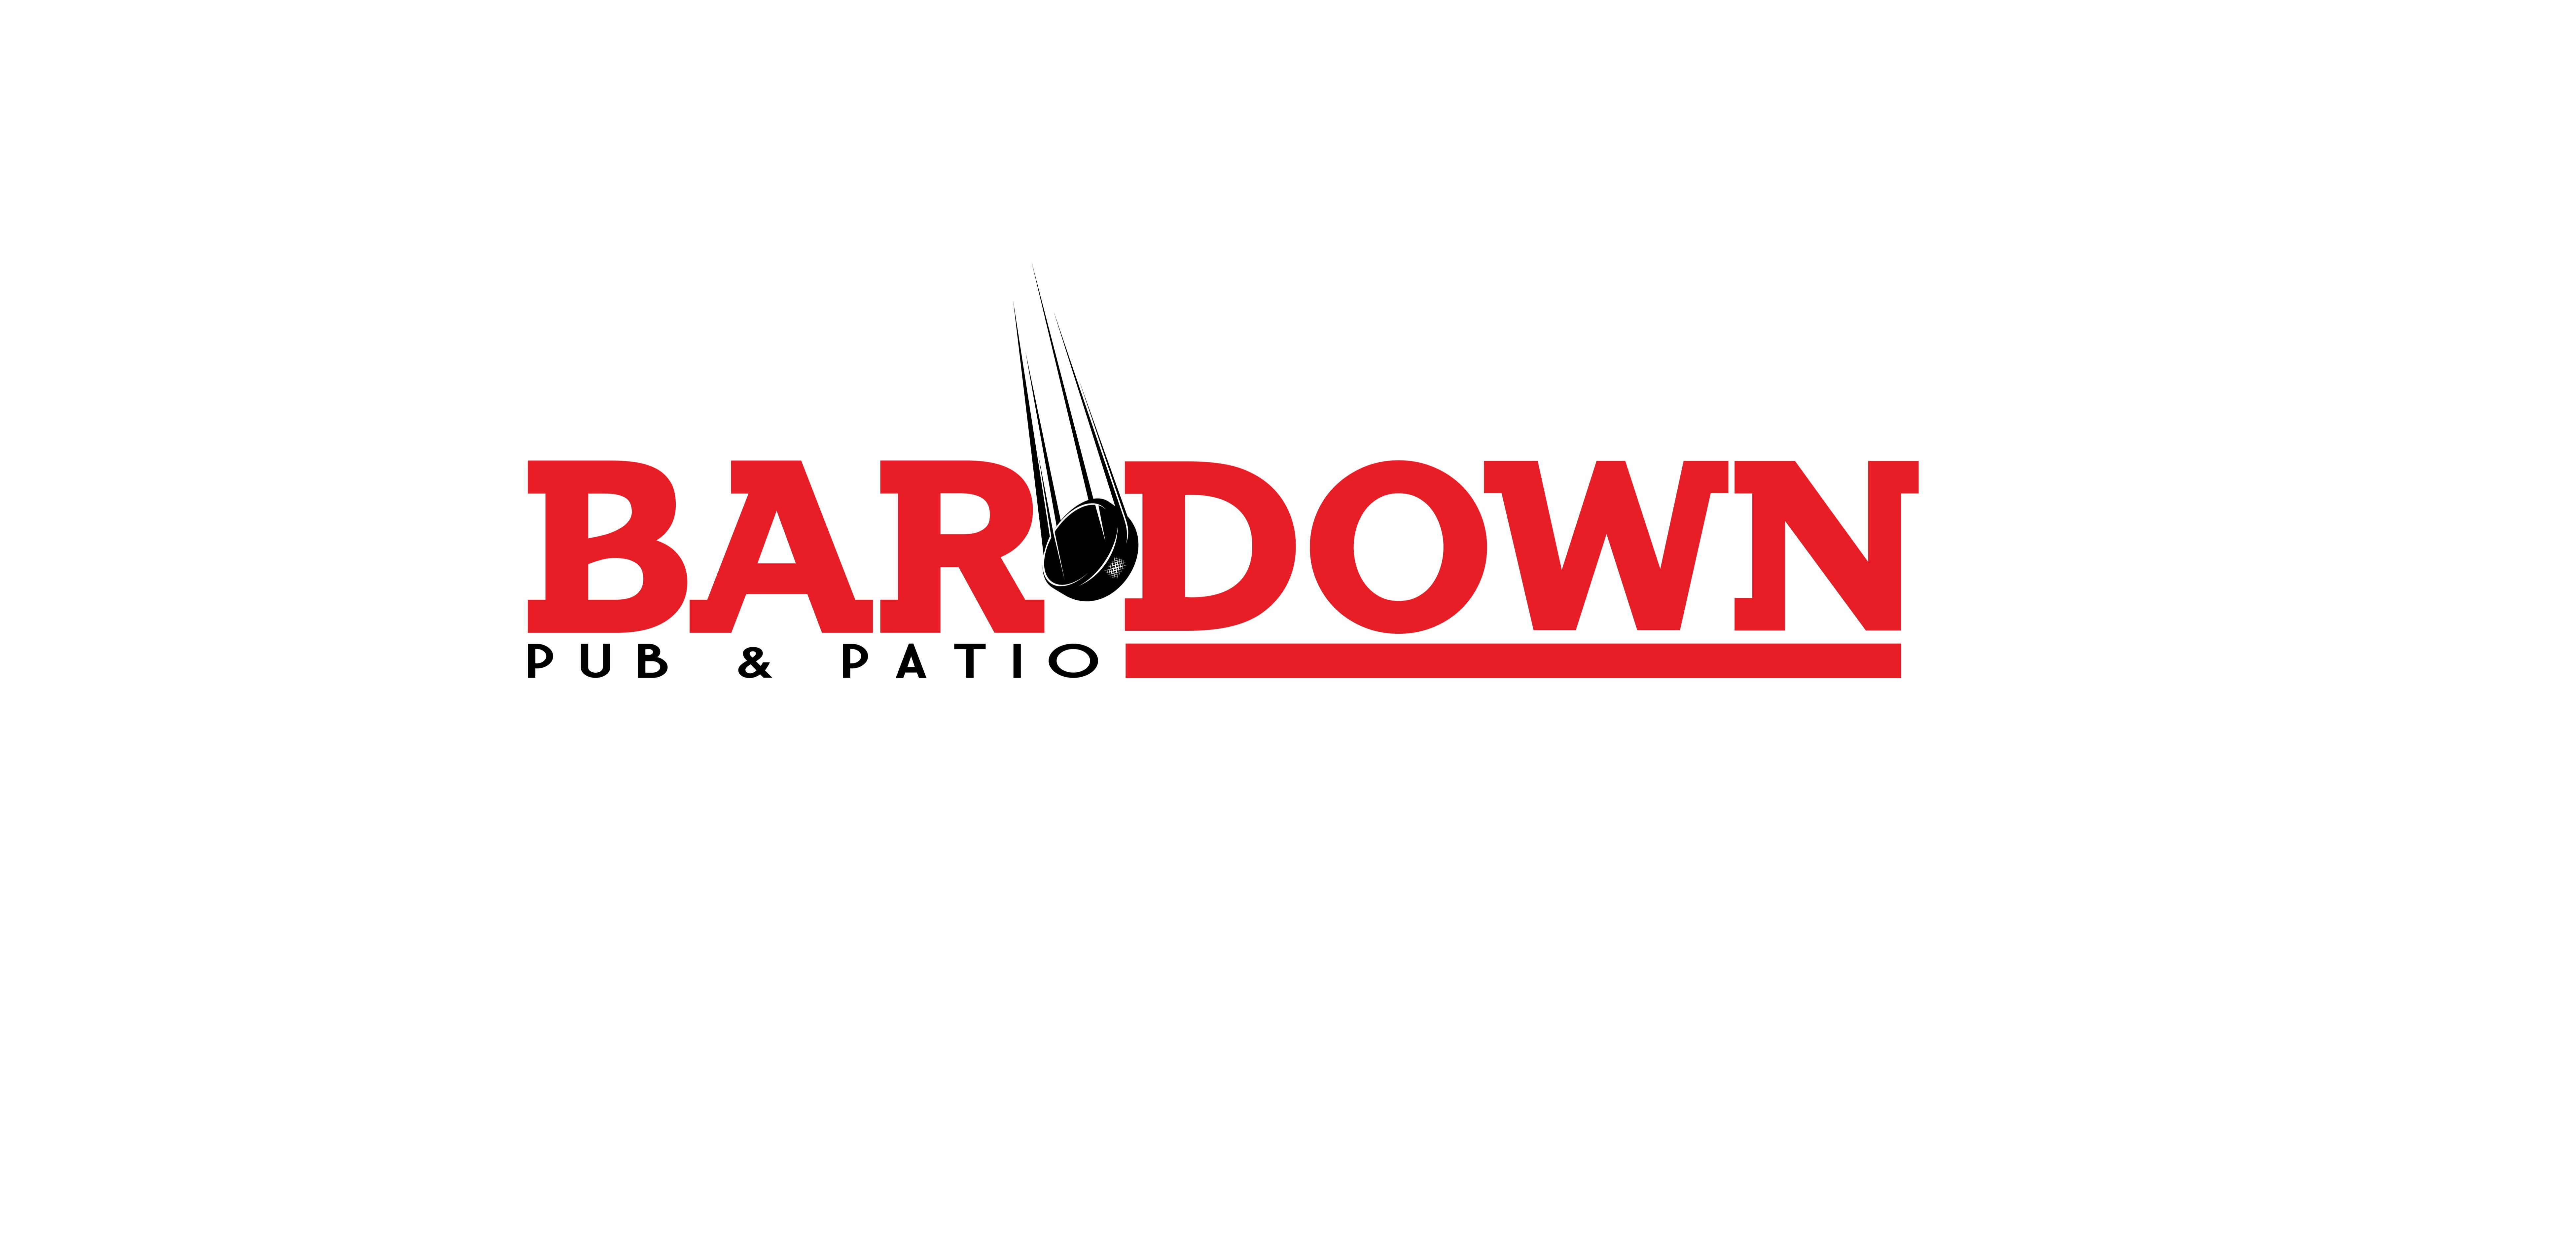 bardownlogorevised